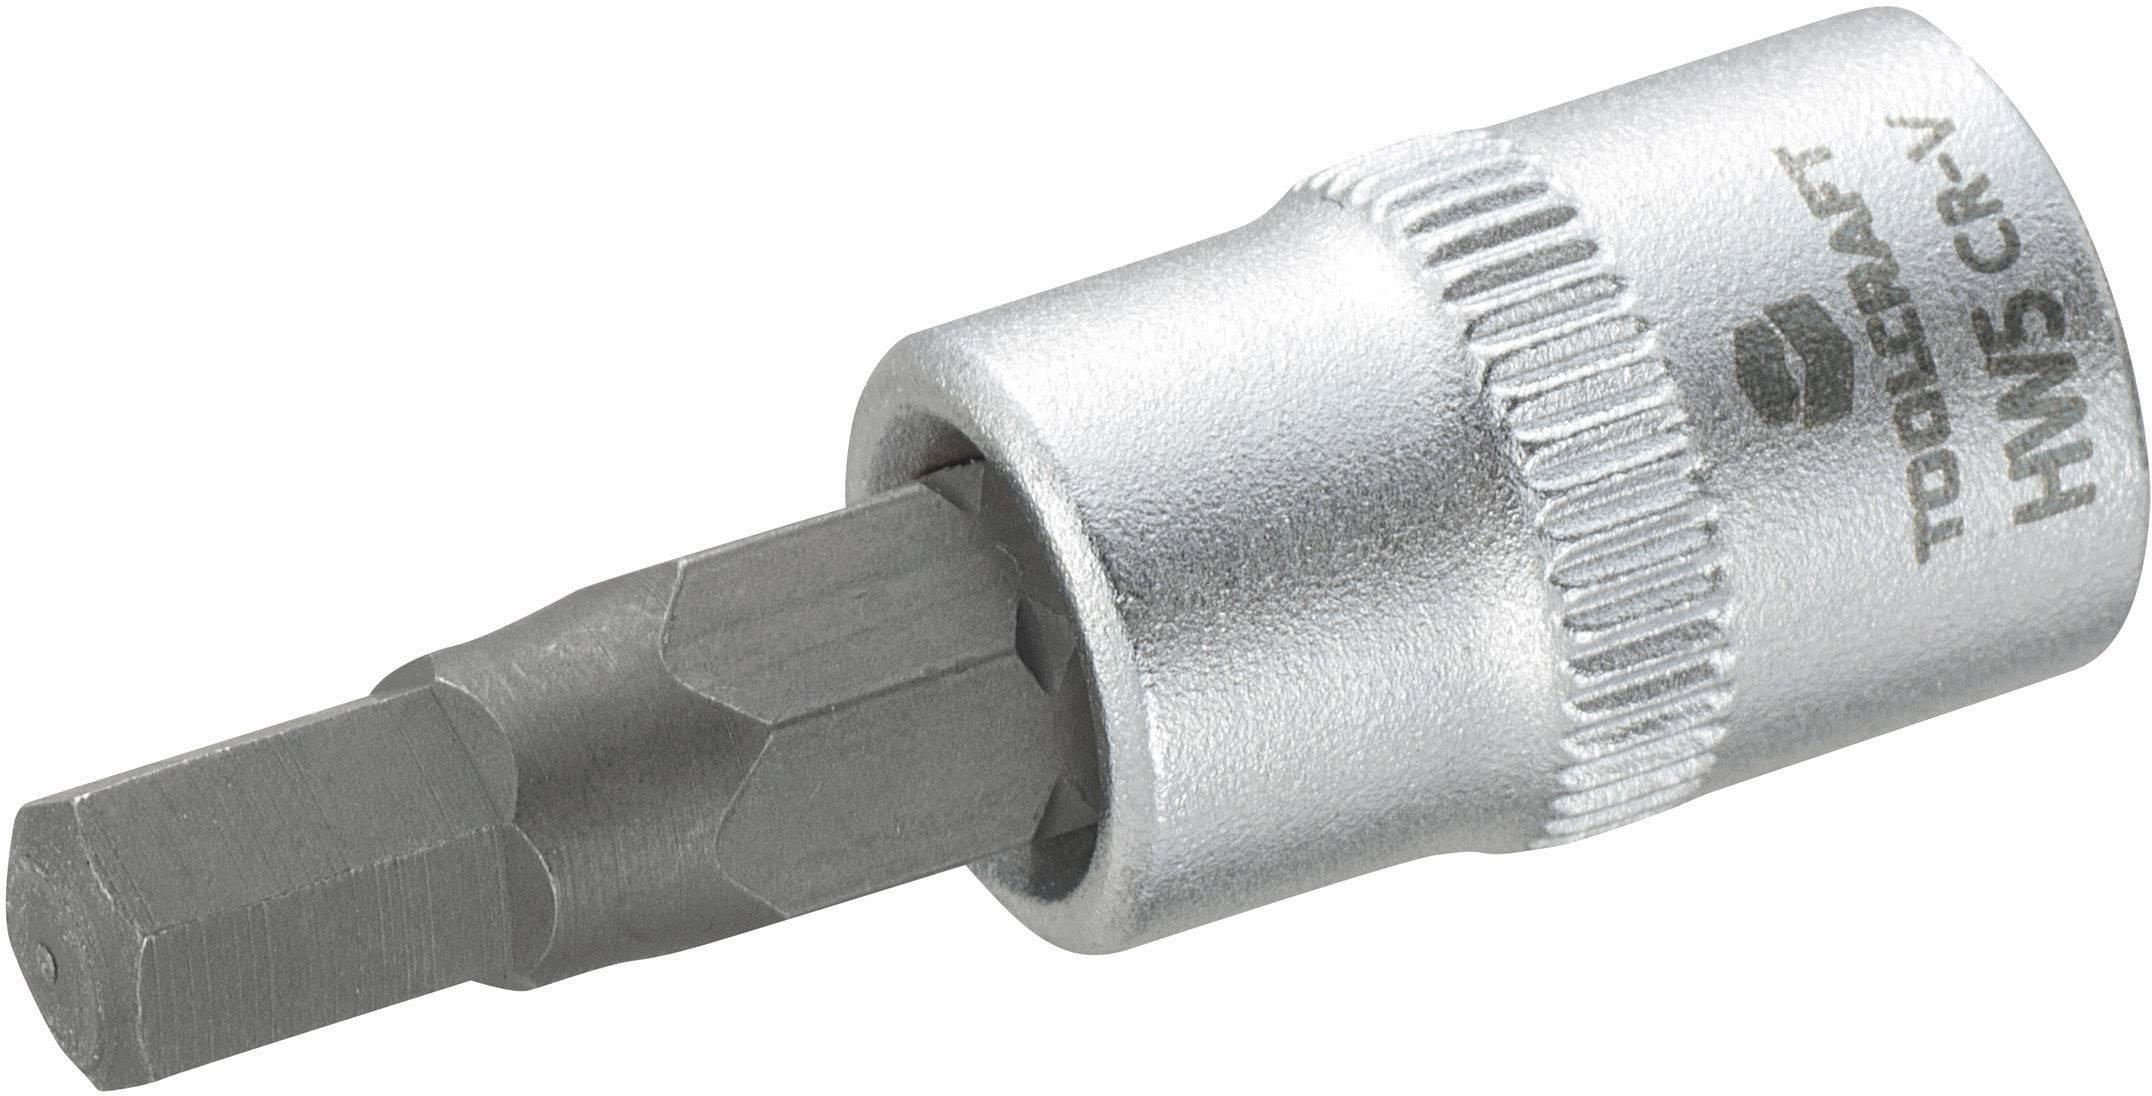 """Nástrčný kľúč TOOLCRAFT 816070, inbus, 1/4"""" (6,3 mm), 5 mm, chróm-vanadiová oceľ"""